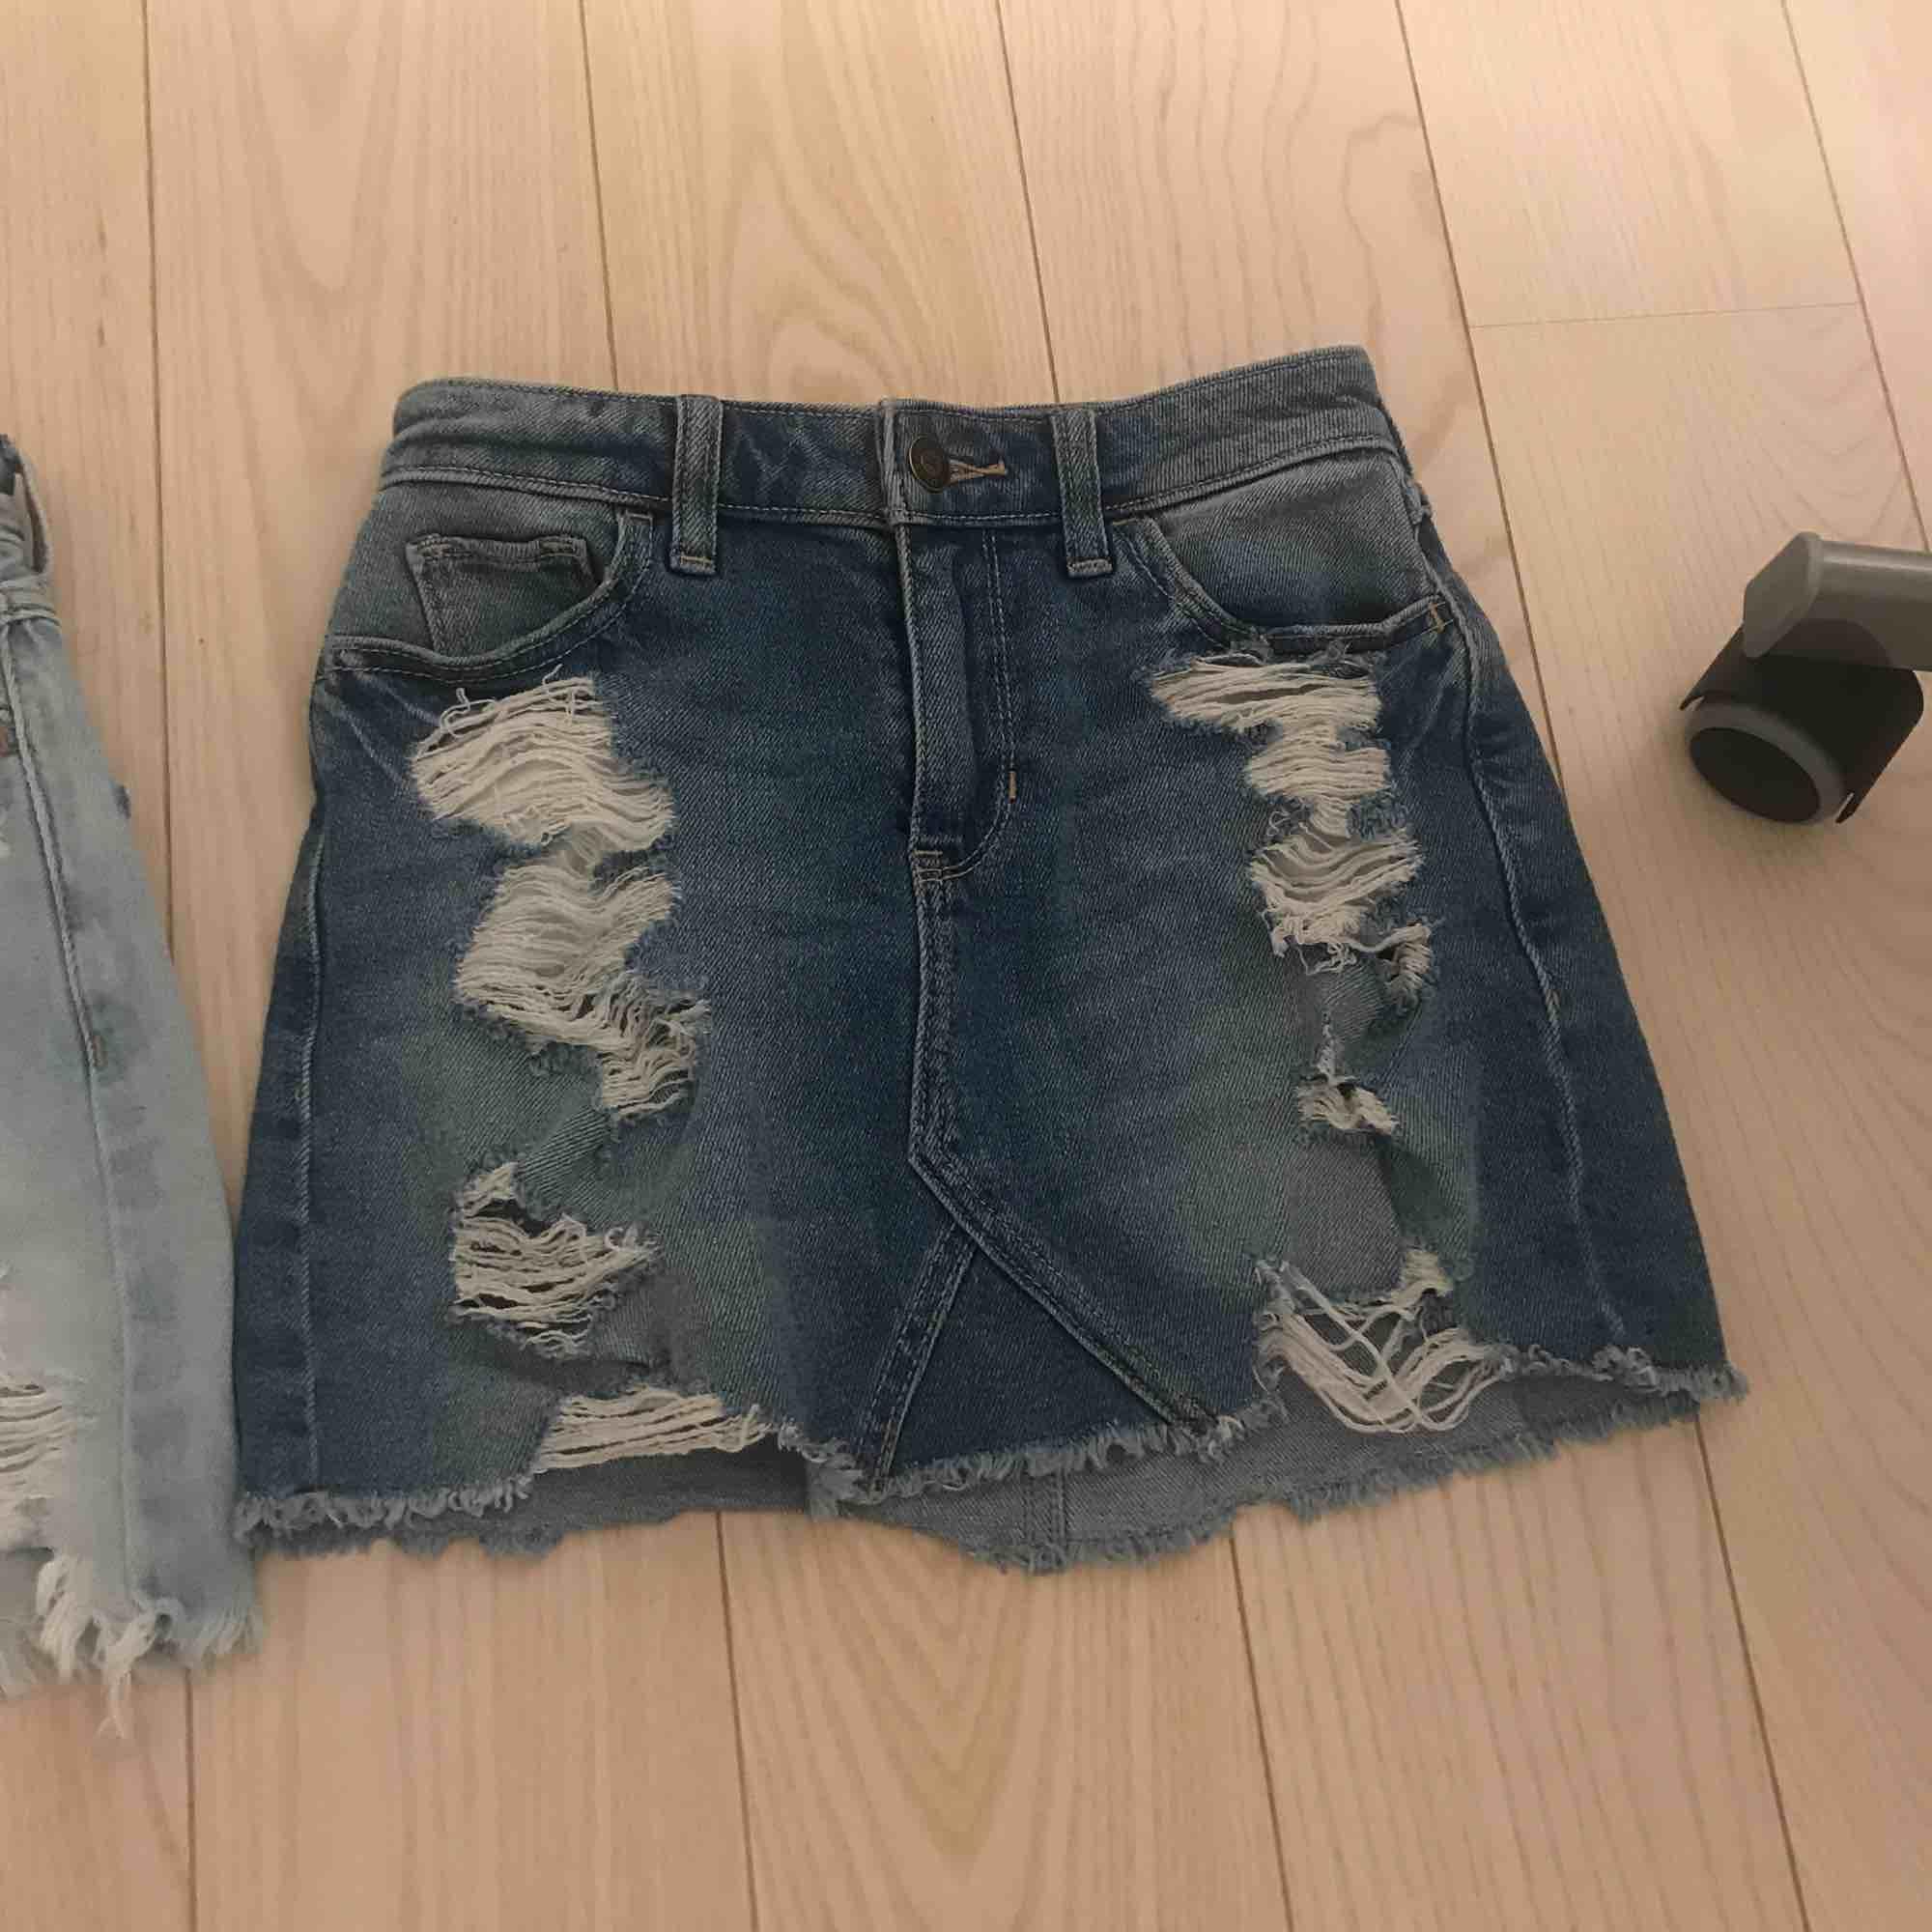 Ett par jeans kjolar från Hollister i storleken 00 23. Använt några ggr men är i bra sick. Bådda tsm för 100kr försäg 70kr . Kjolar.